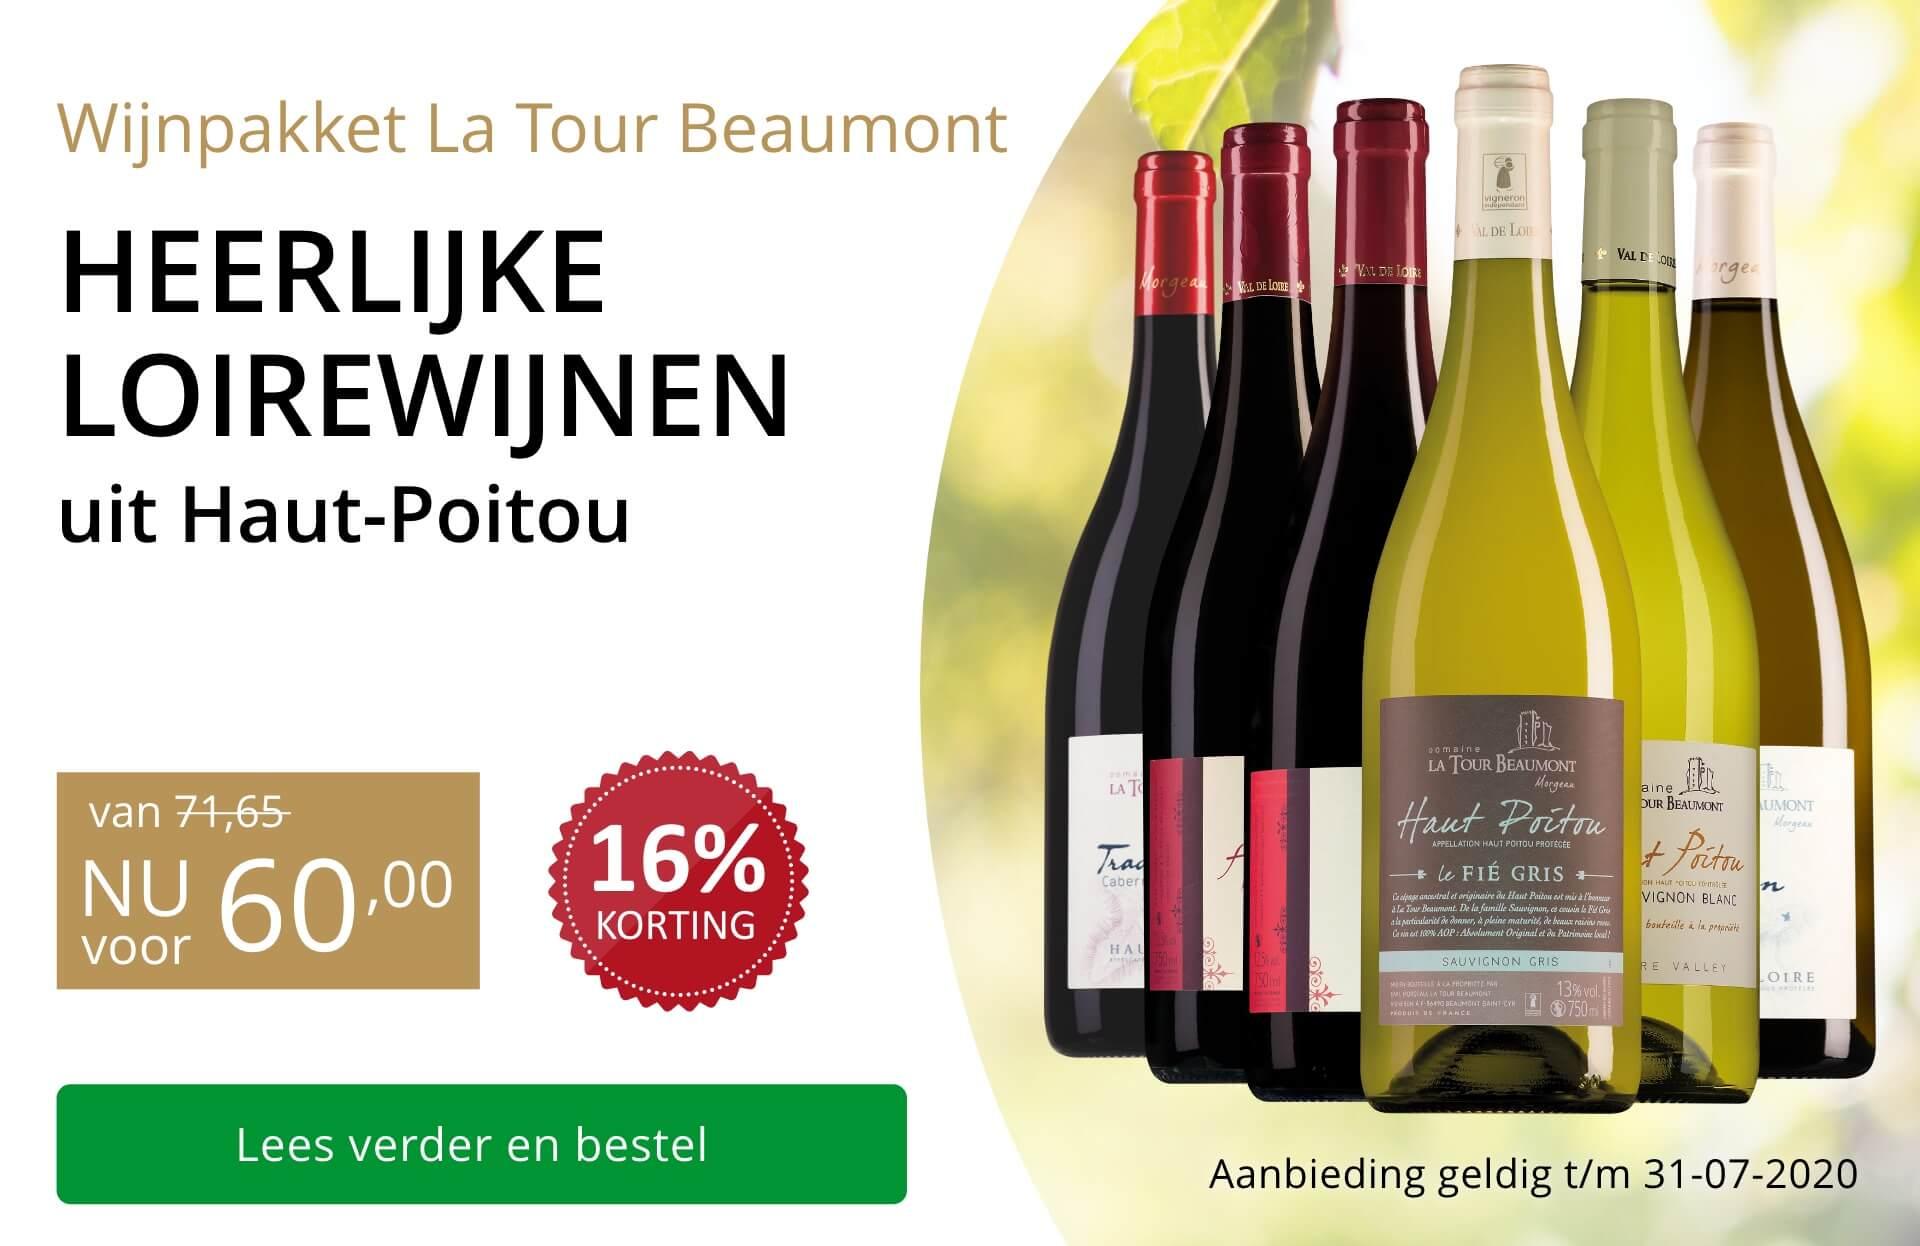 Wijnpakket La Tour Beaumont(60,00)-goud/zwart